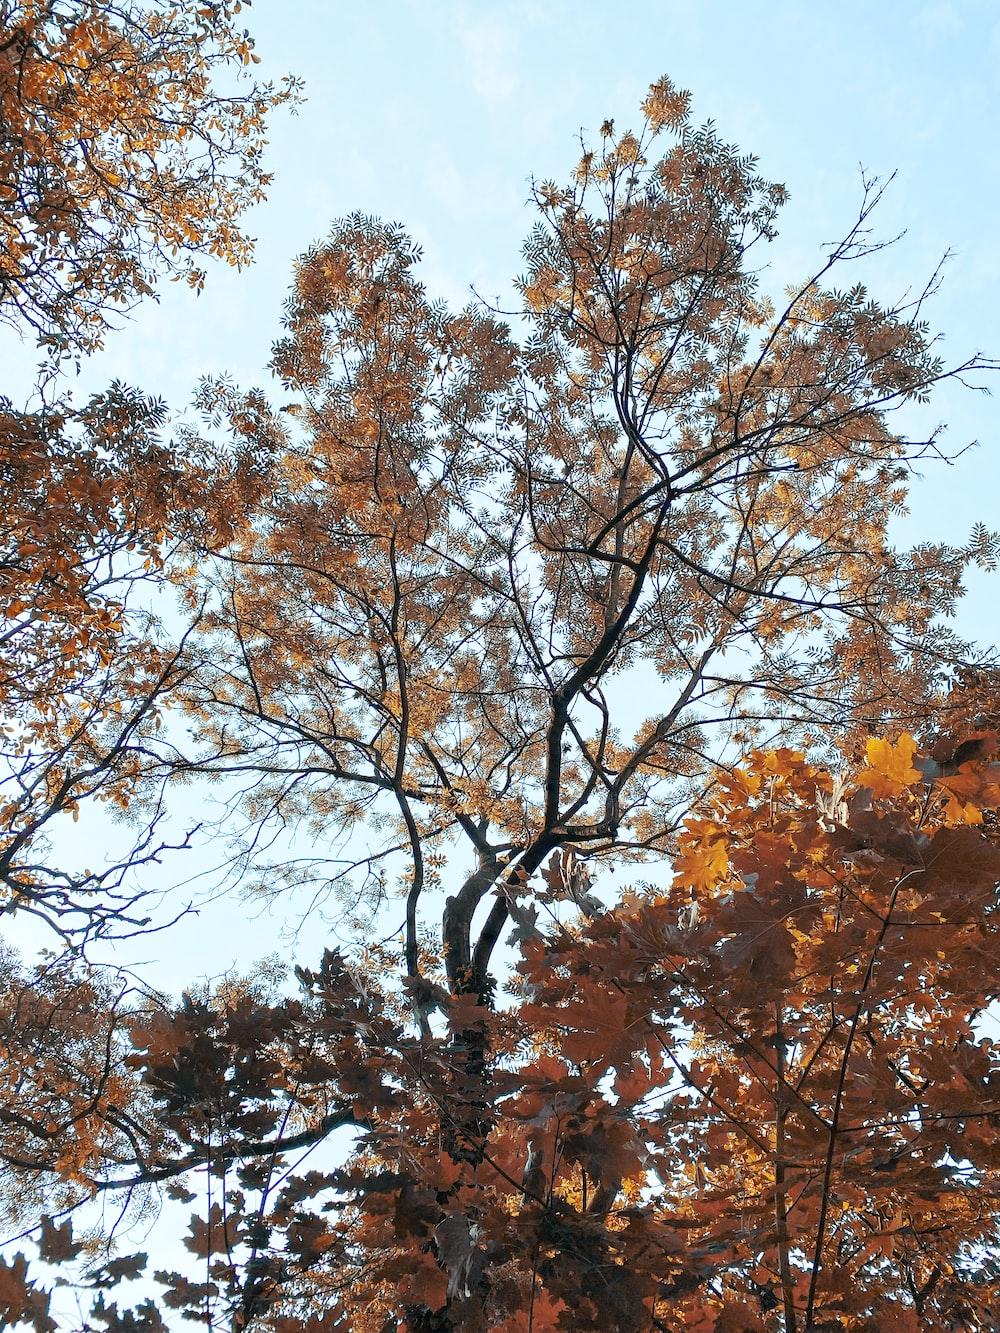 brown leaf tree under blue sky during daytime